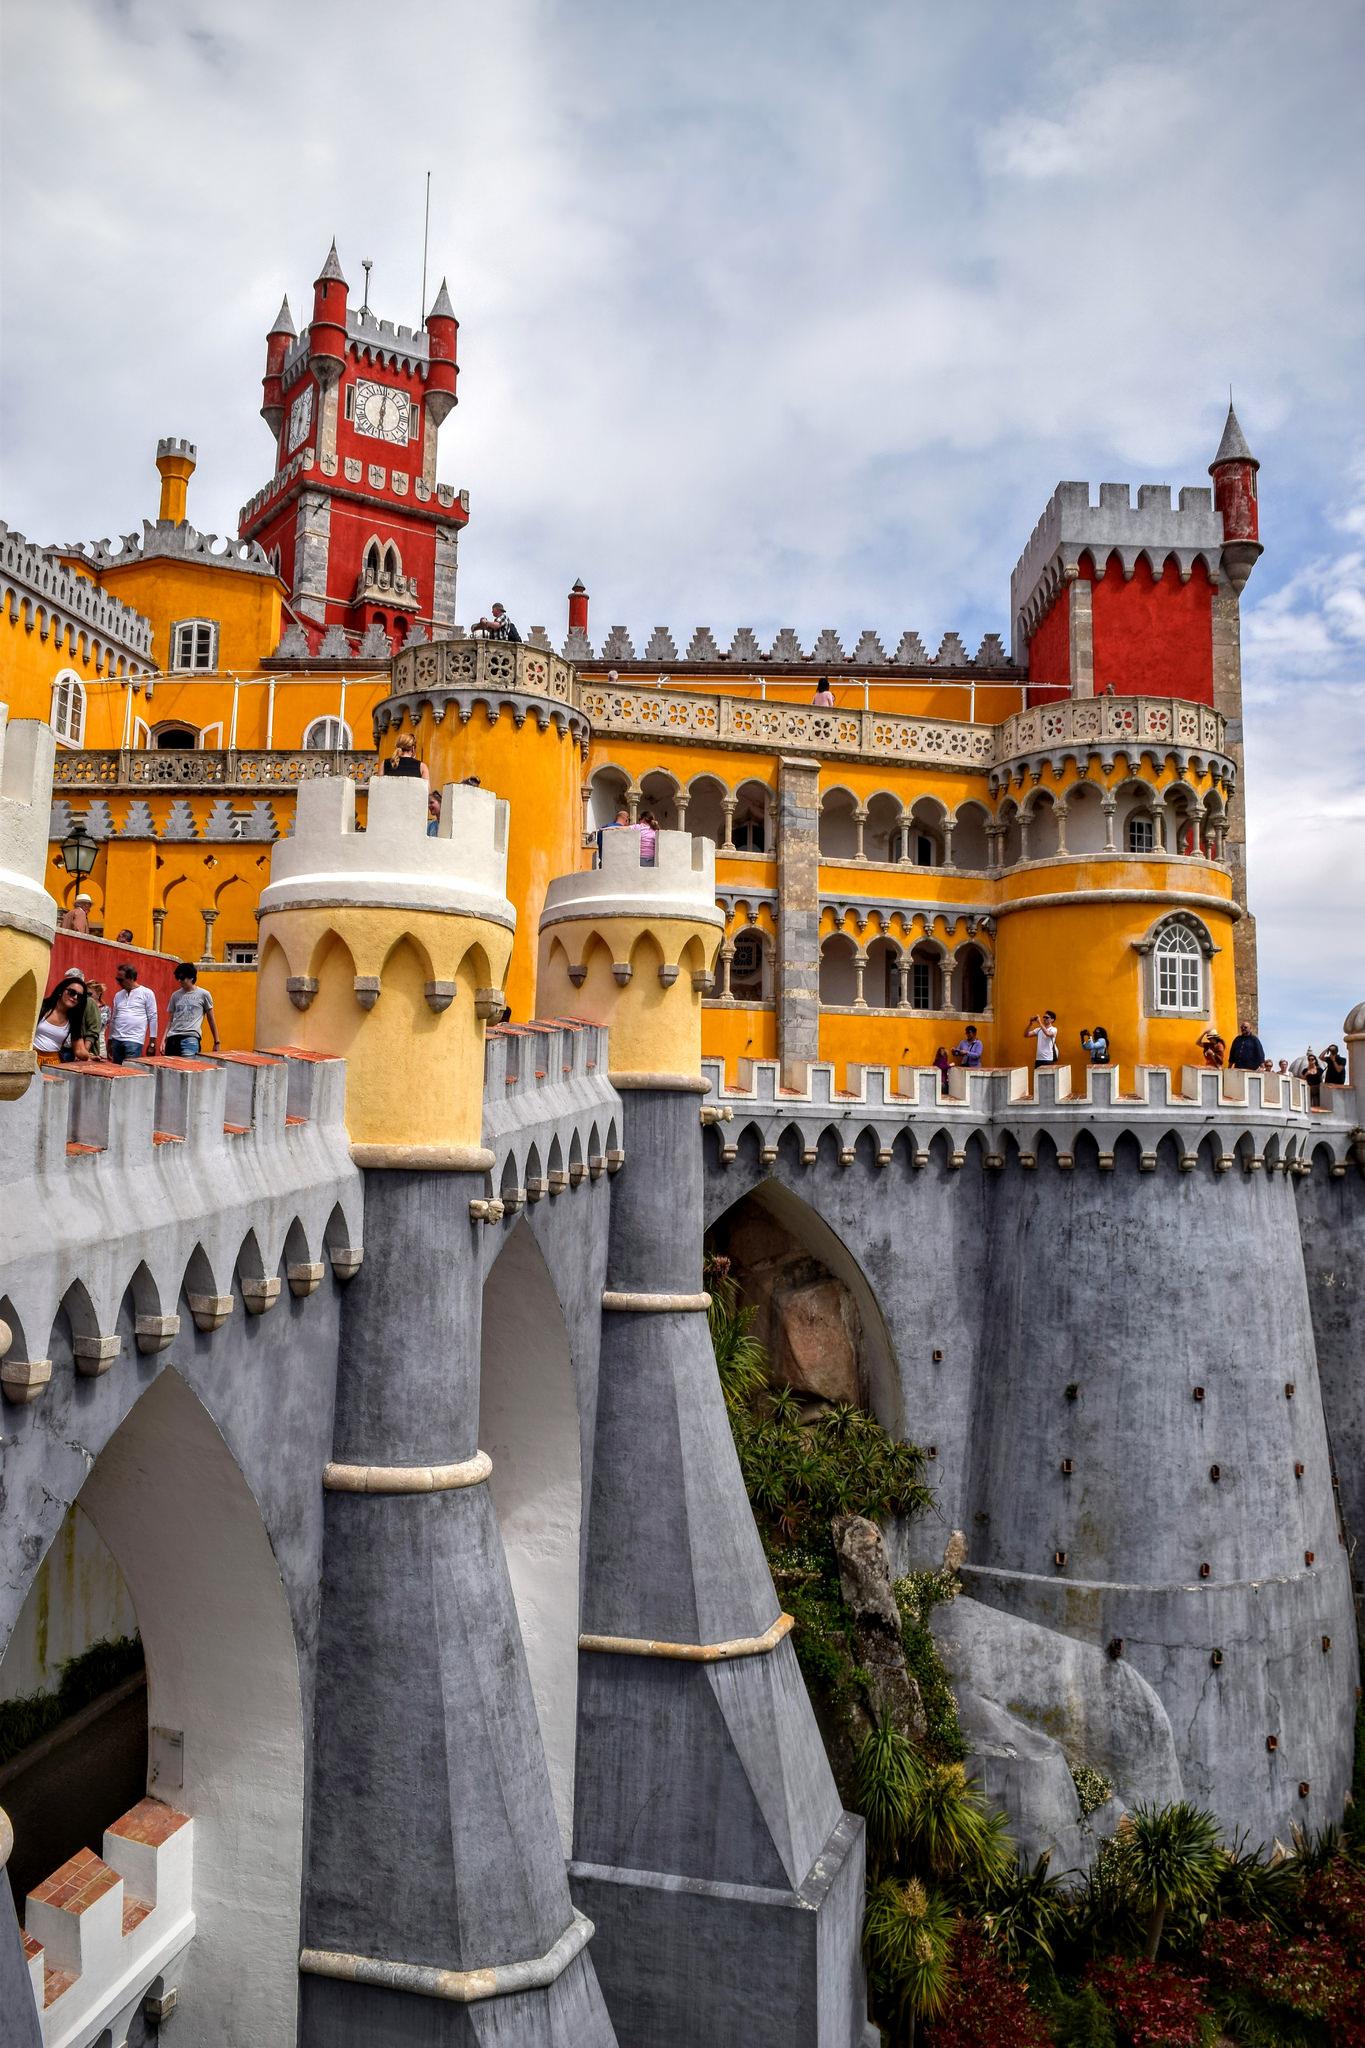 Bildergebnis für Palácio Nacional da Pena